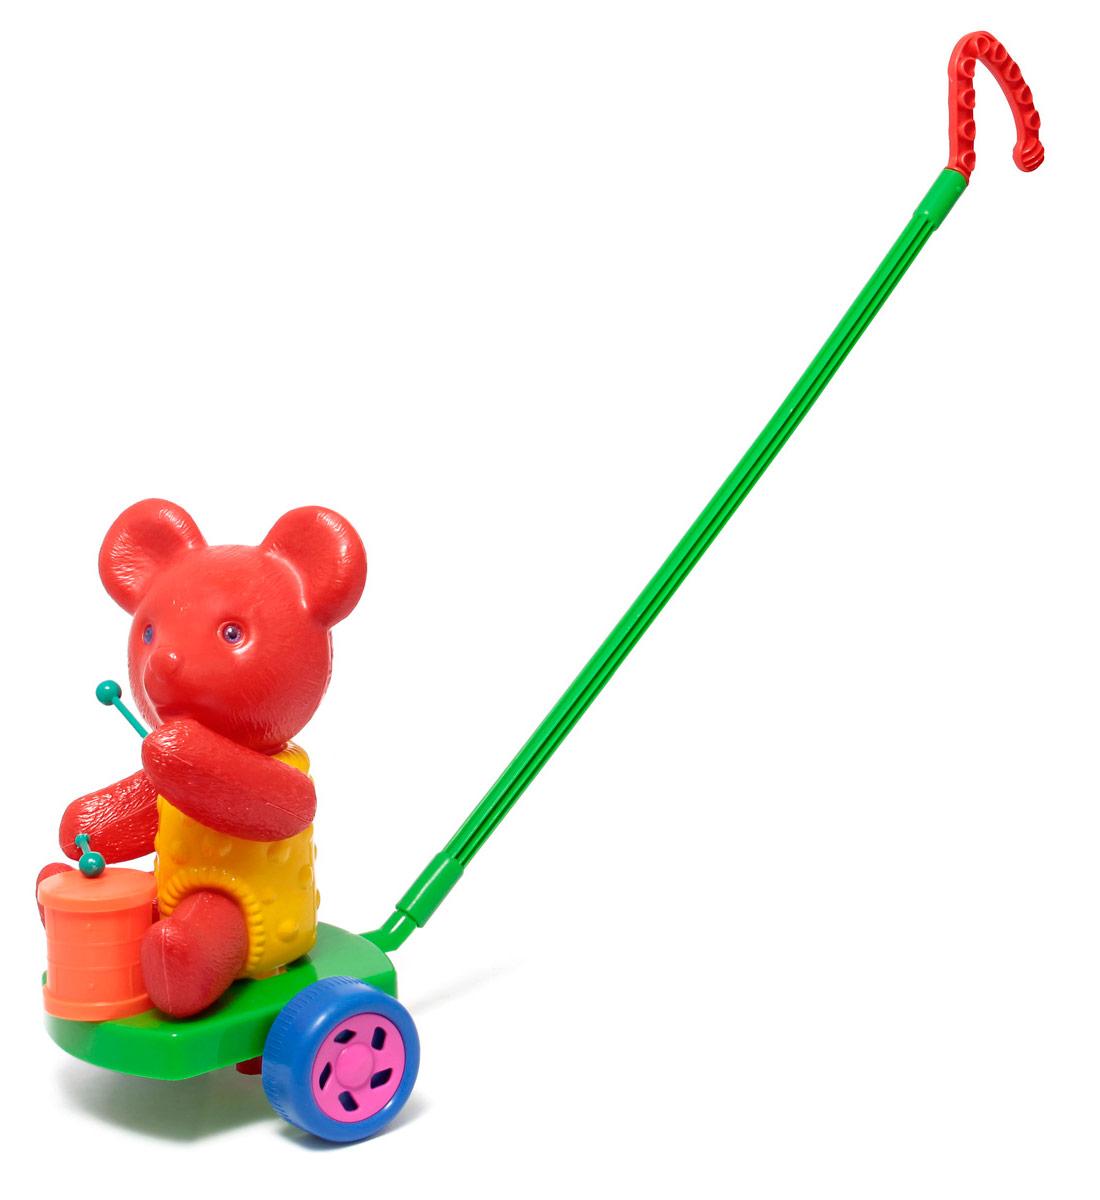 Игрушка-каталка Мишка с барабаном цвет красный зеленыйП-0572Звуковые эффекты. Предназначение: для игровых целей на открытом воздухе и в помещении. Изготовлено из высококачественной пластмассы. УВАЖАЕМЫЕ КЛИЕНТЫ! Обращаем ваше внимание на возможные изменения в цветовом дизайне ручки и мелких деталей, связанные с ассортиментом продукции. Поставка осуществляется в зависимости от наличия на складе.